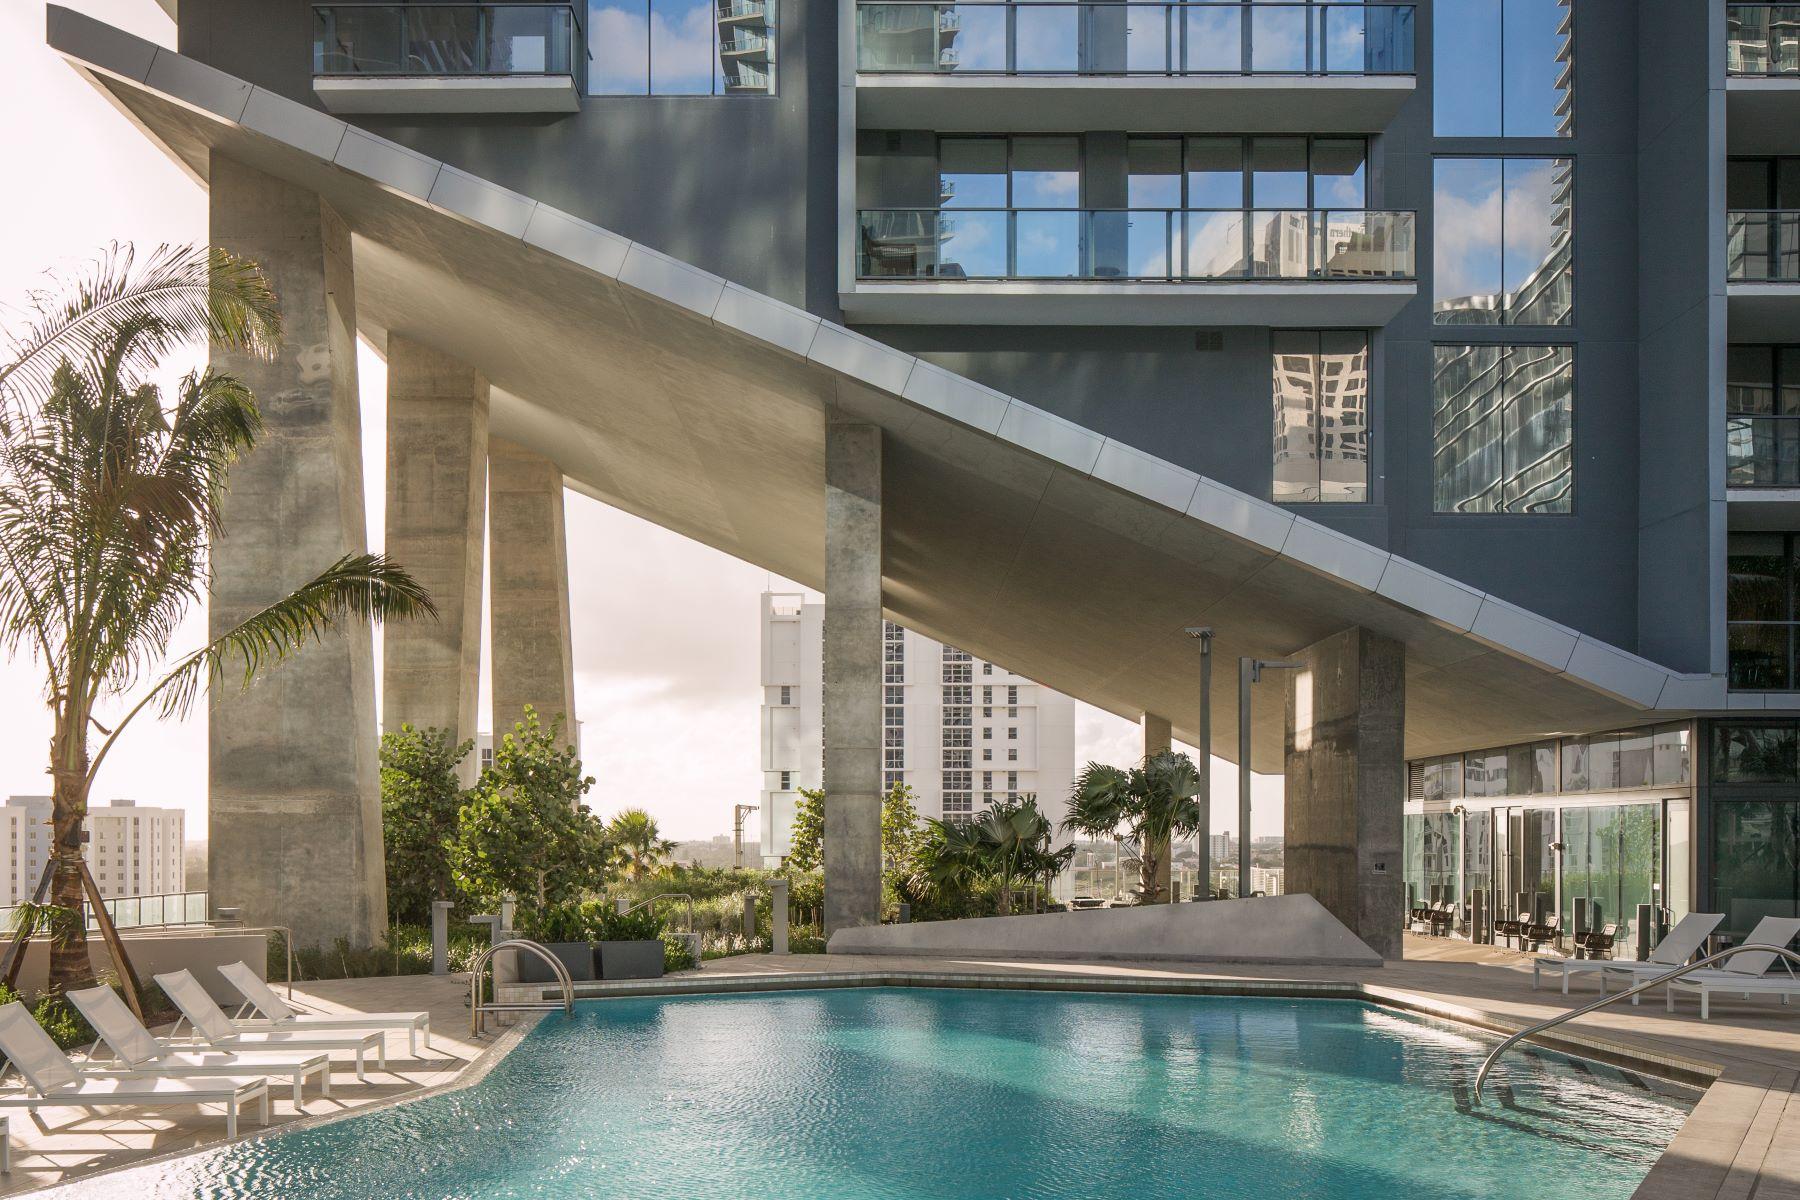 콘도미니엄 용 매매 에 88 Sw 7 Street #3808 88 Sw 7 Street 3808 Miami, 플로리다, 33131 미국